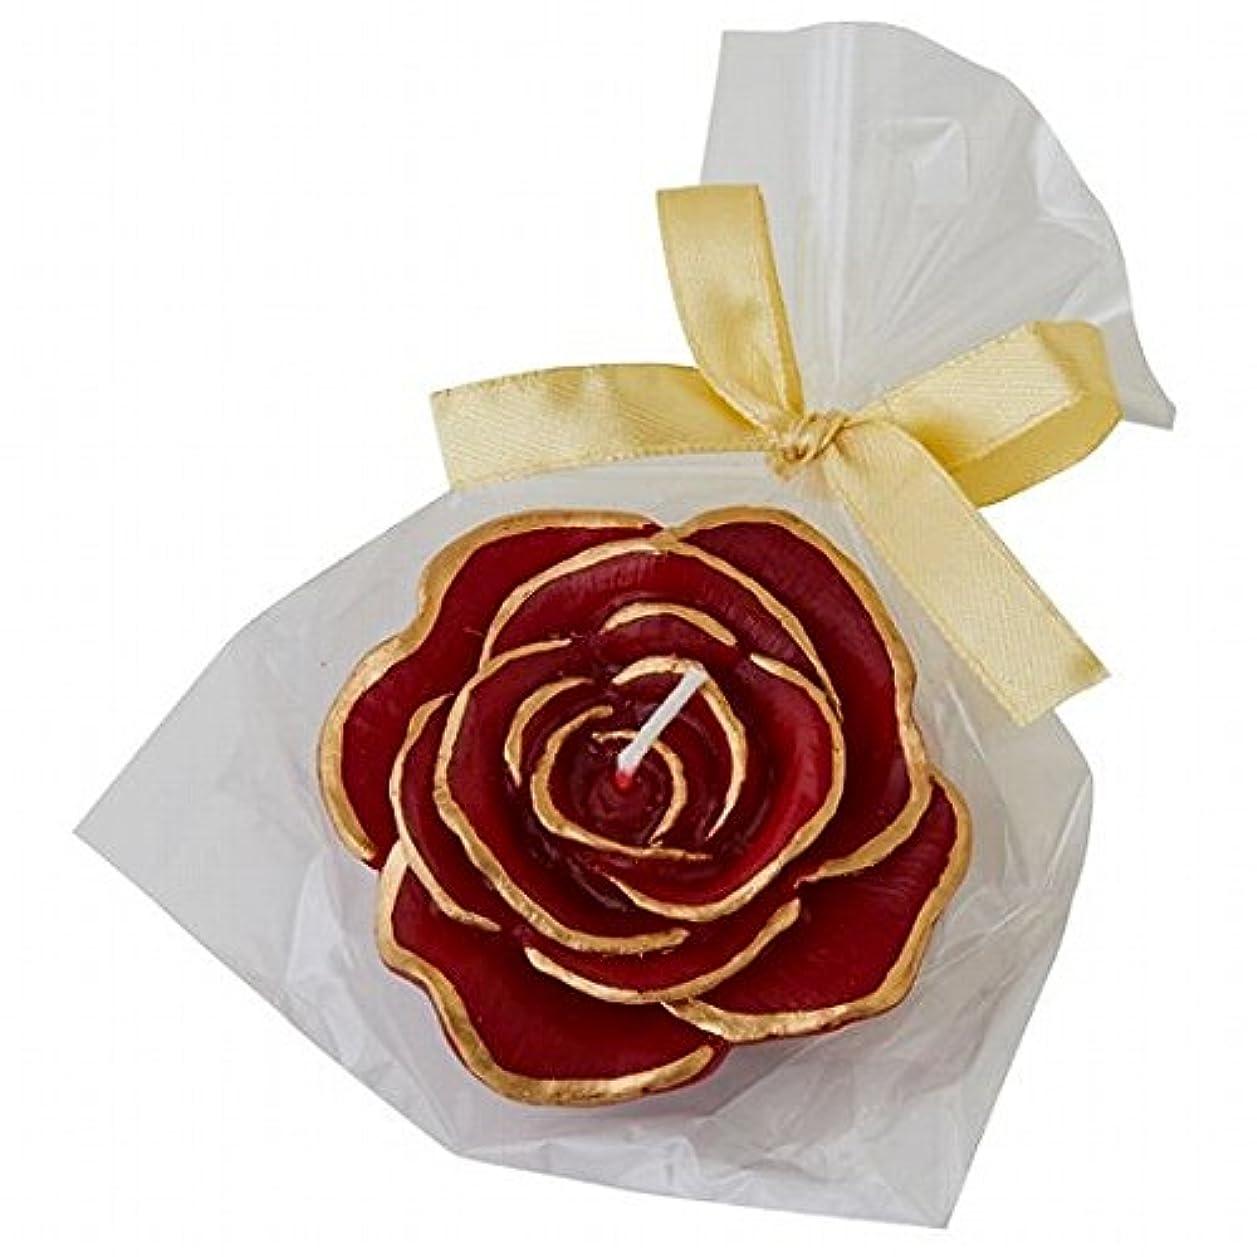 延期するアメリカメロンカメヤマキャンドル(kameyama candle) プリンセスローズ キャンドル 「ワインレッド」